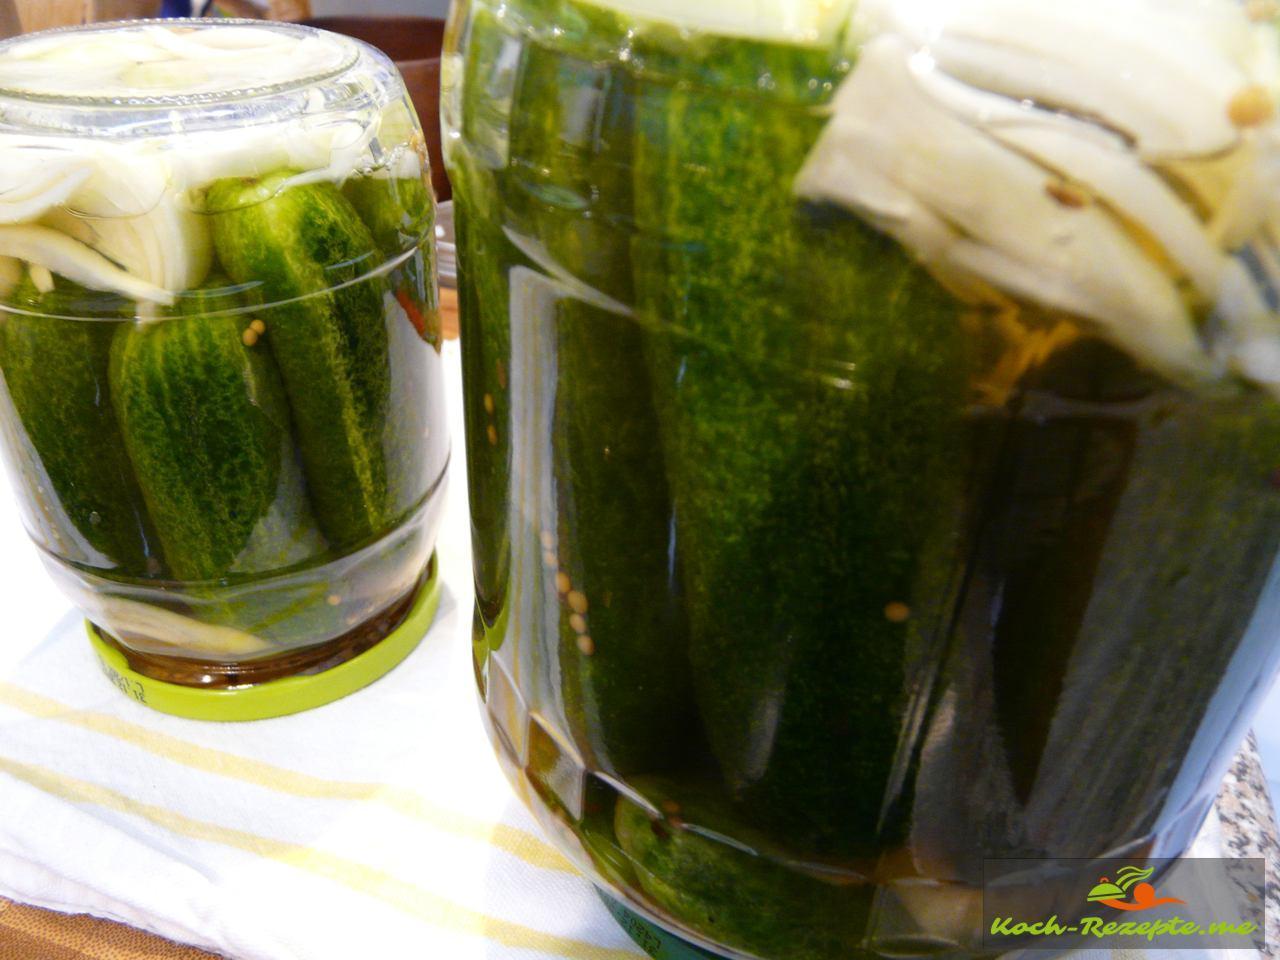 Salzgurken Rezept im Glas 1.Methode